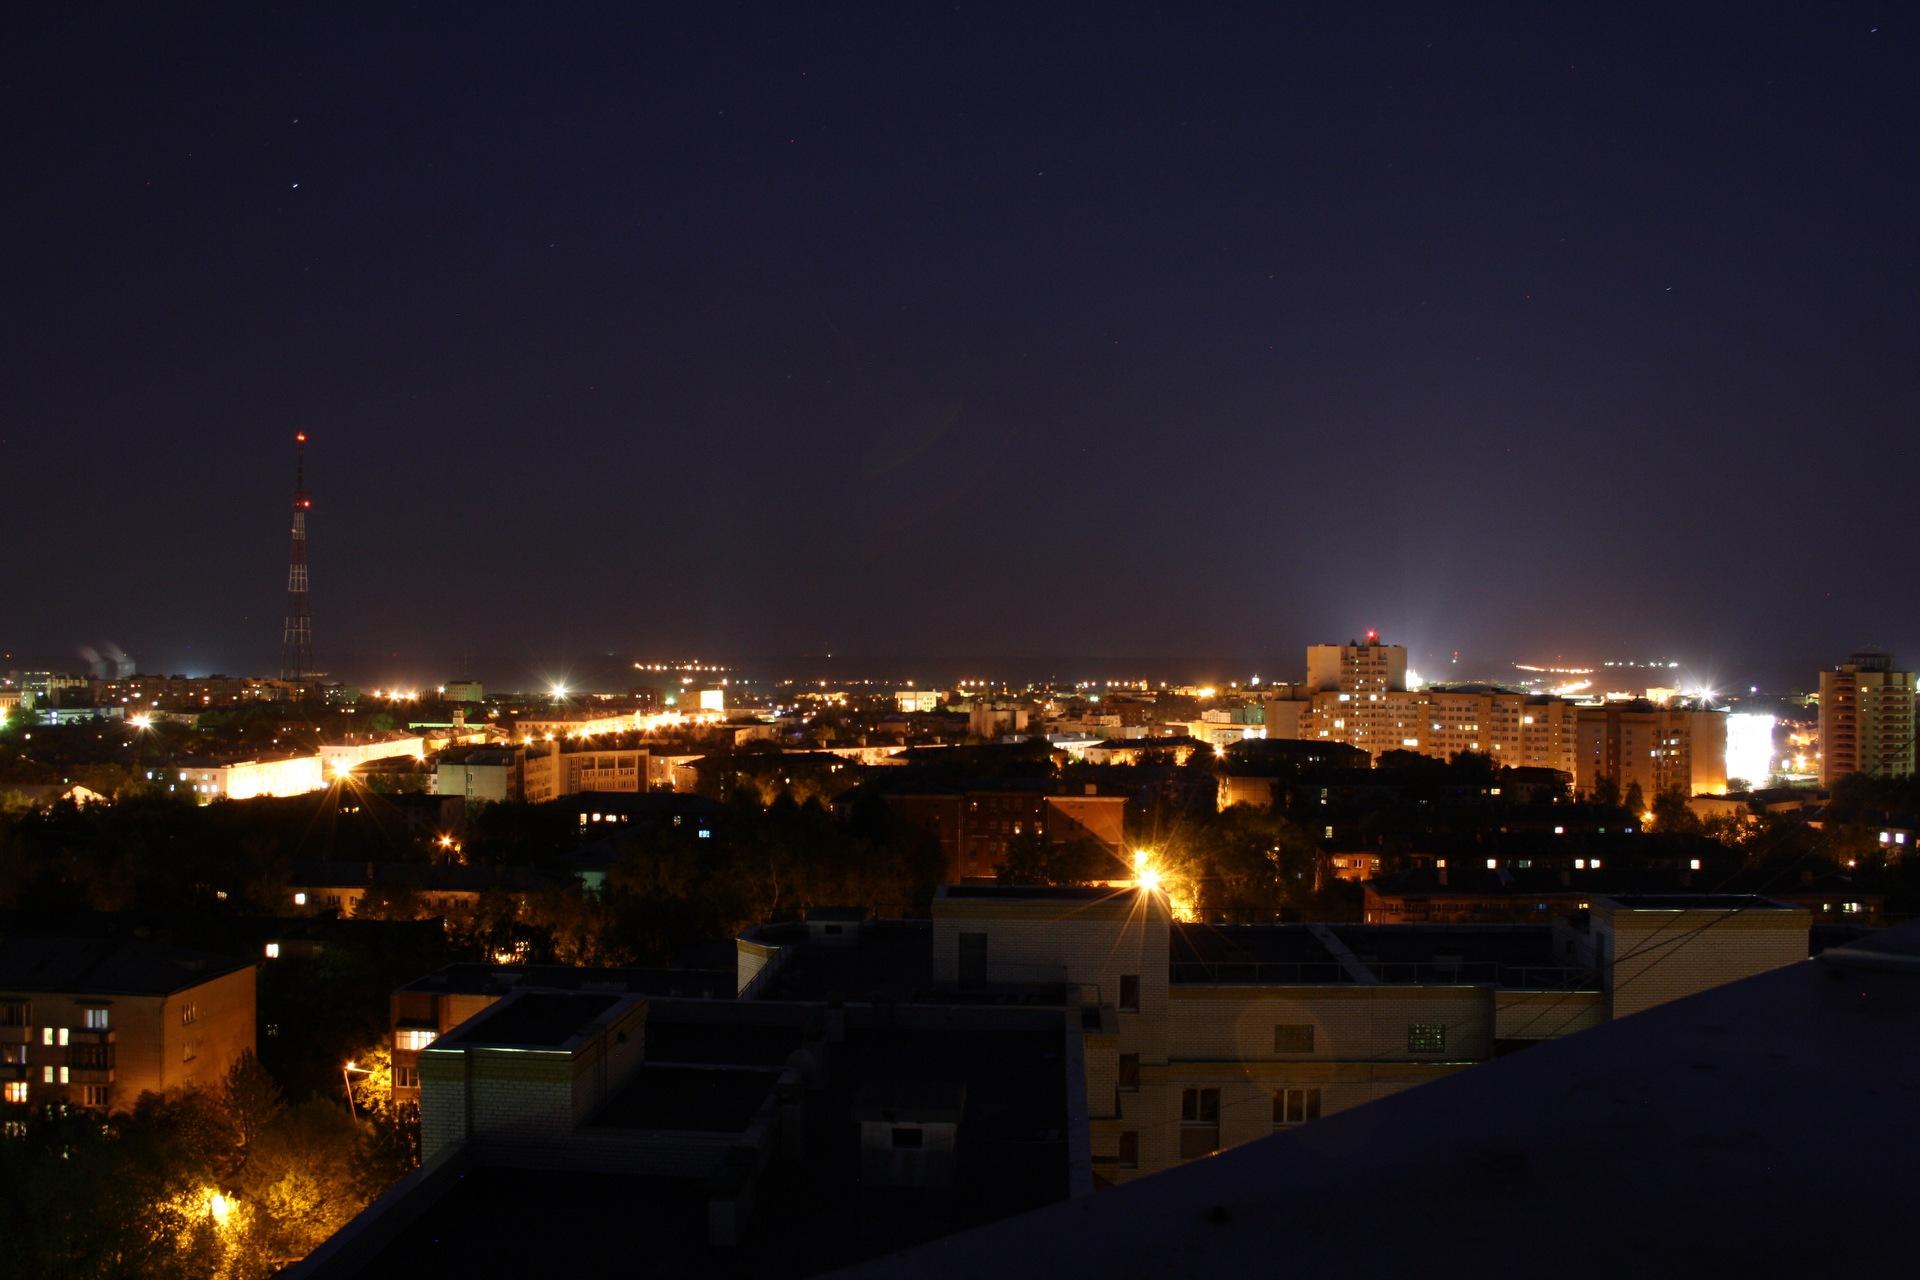 Фото с крыши на ночной город белорусский